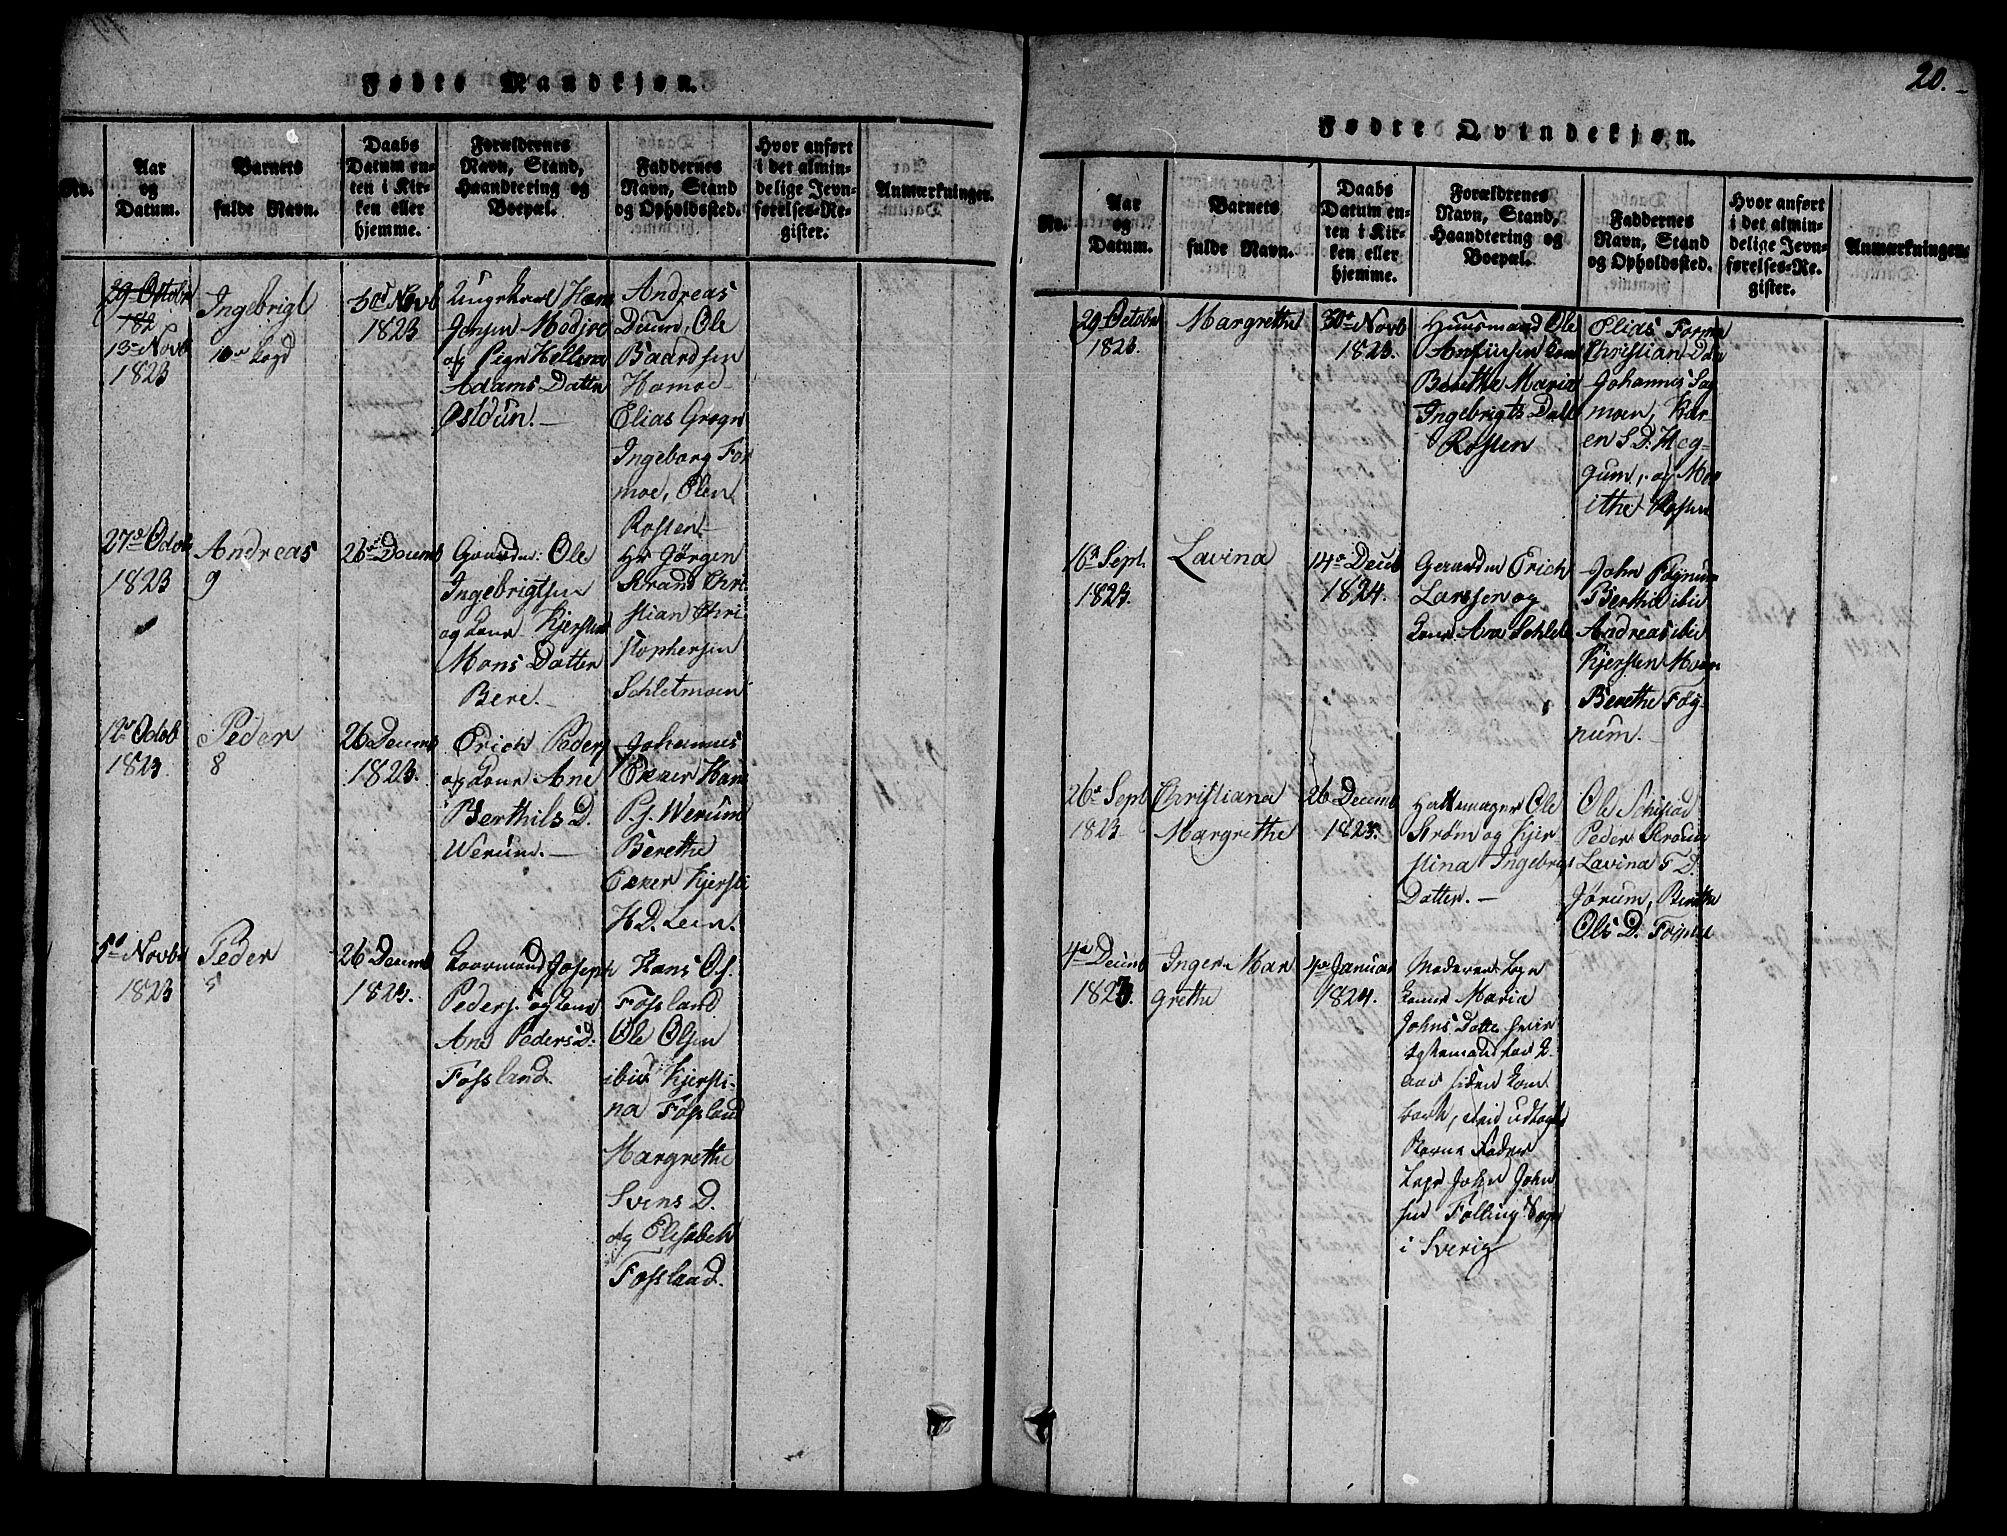 SAT, Ministerialprotokoller, klokkerbøker og fødselsregistre - Nord-Trøndelag, 758/L0521: Klokkerbok nr. 758C01, 1816-1825, s. 20